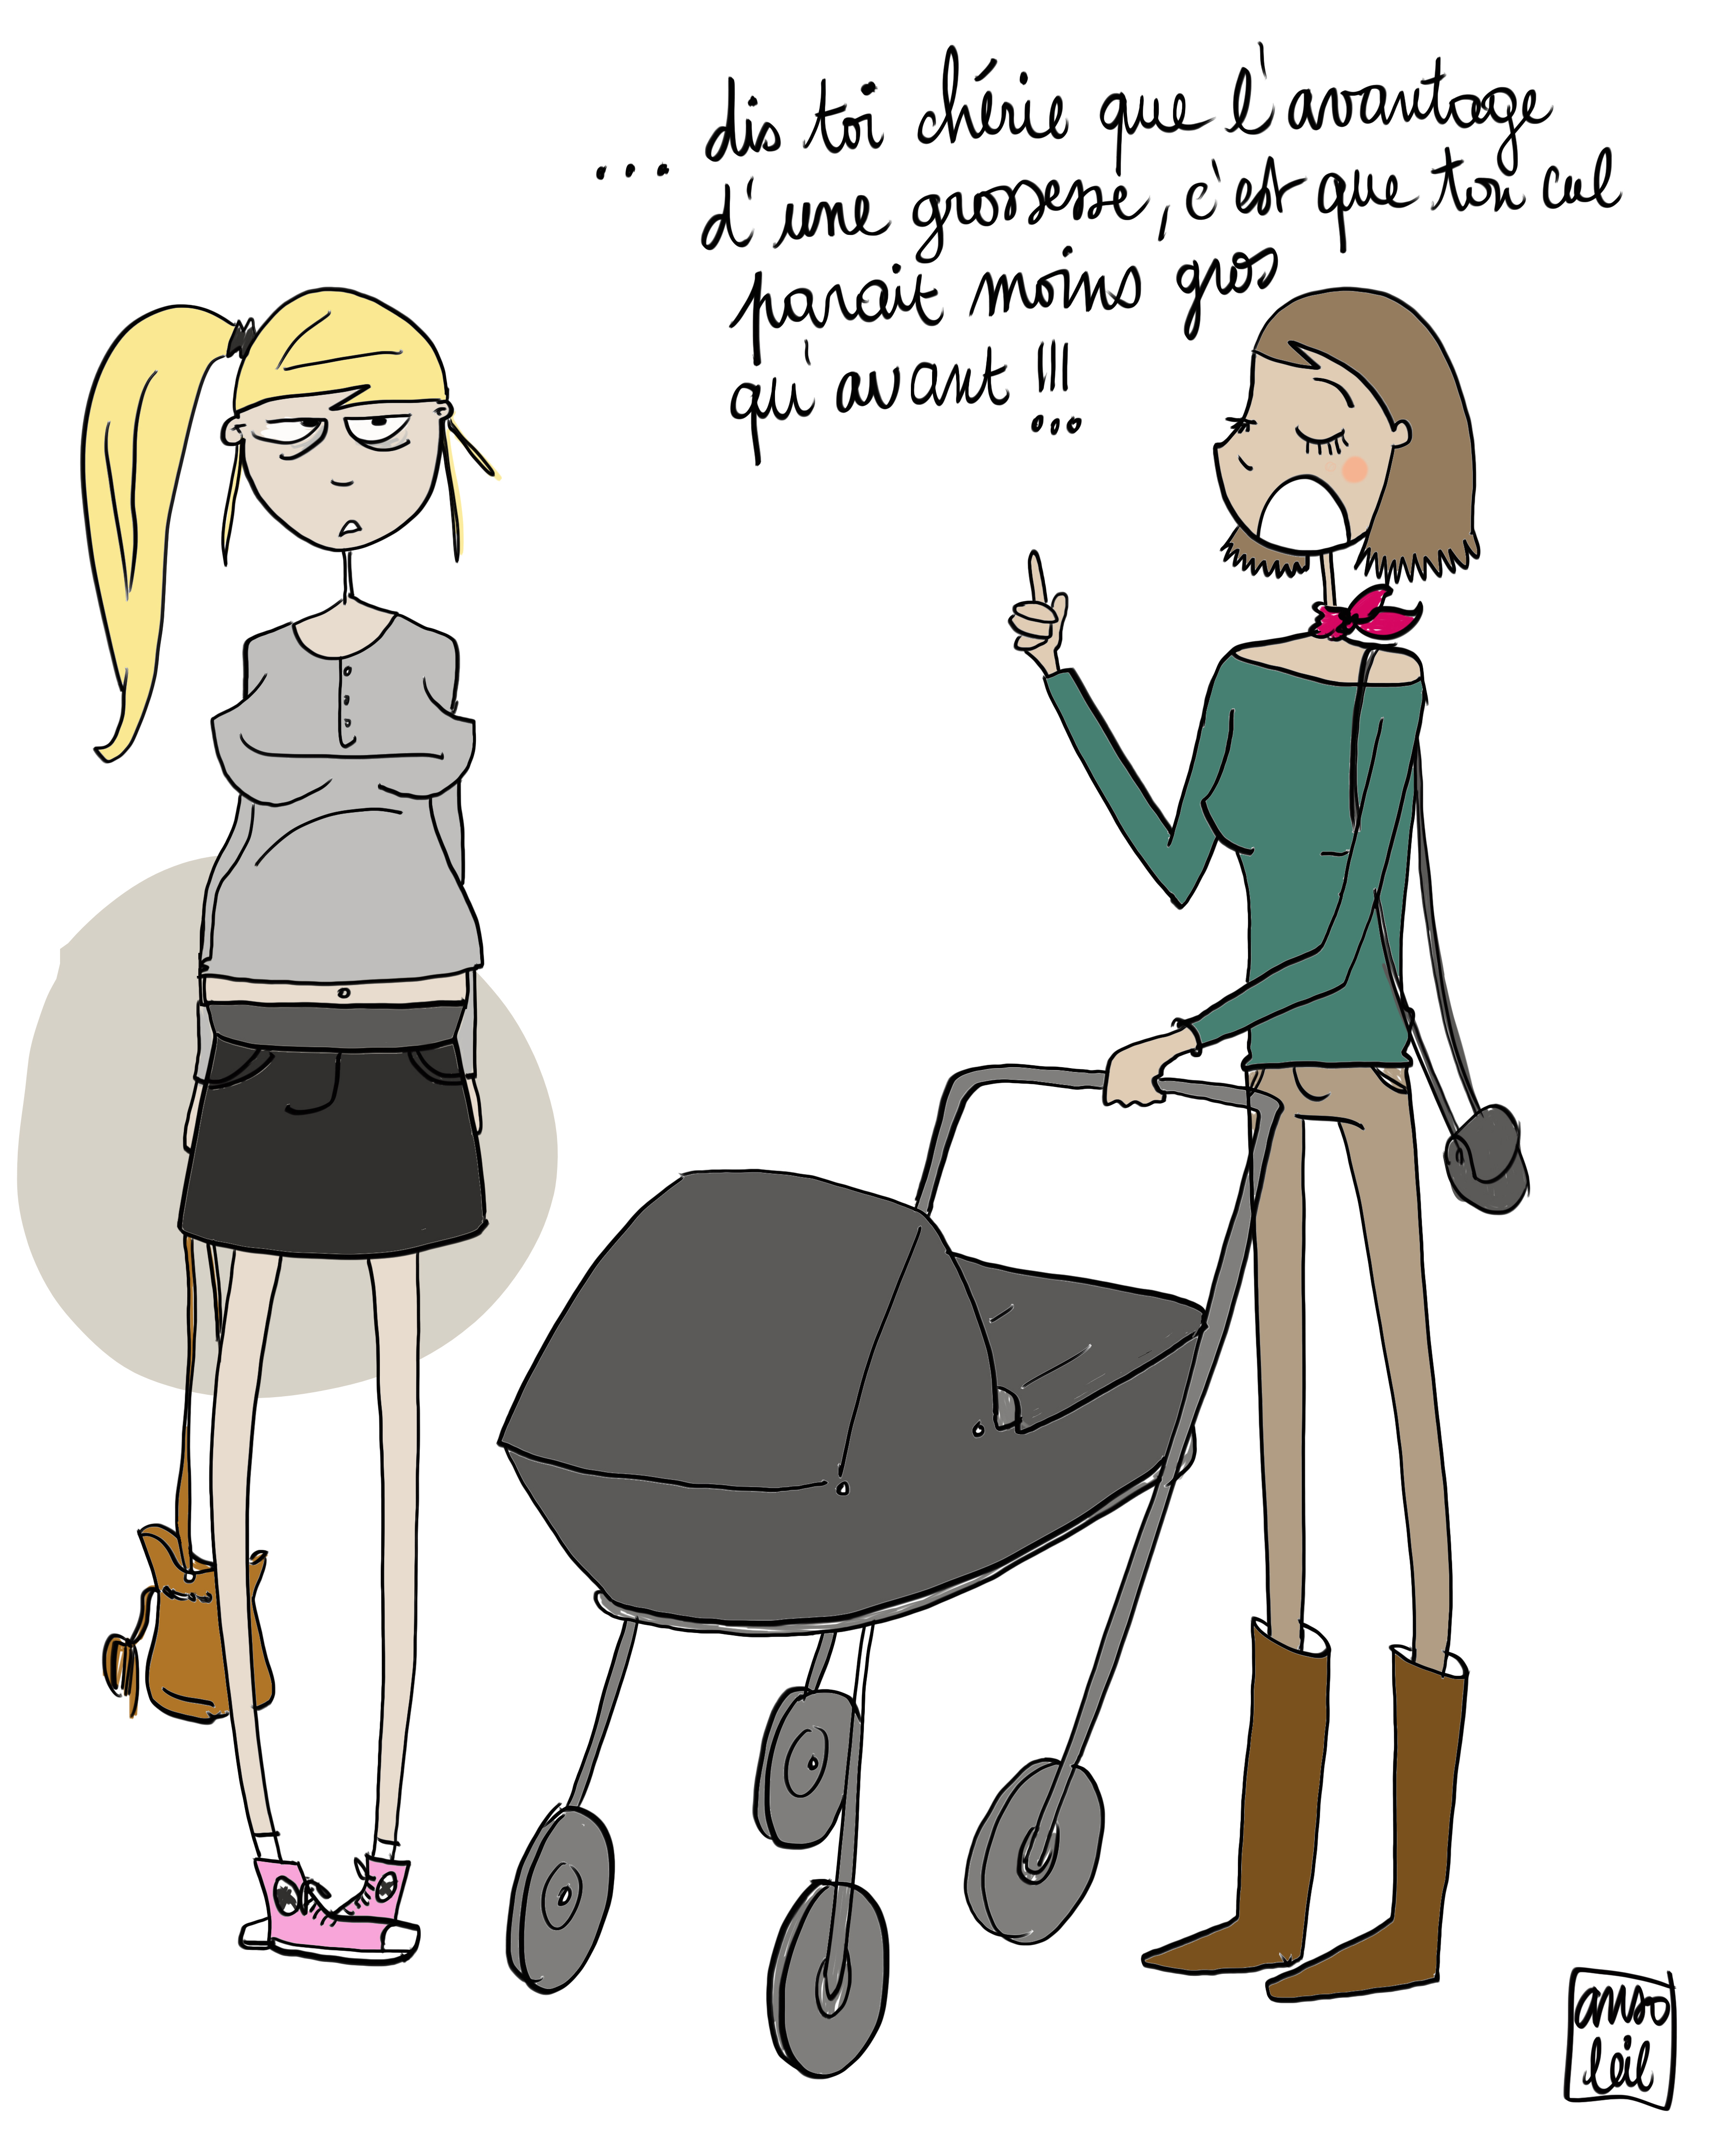 quand ta copine maman t num re les avantages de la grossesse. Black Bedroom Furniture Sets. Home Design Ideas